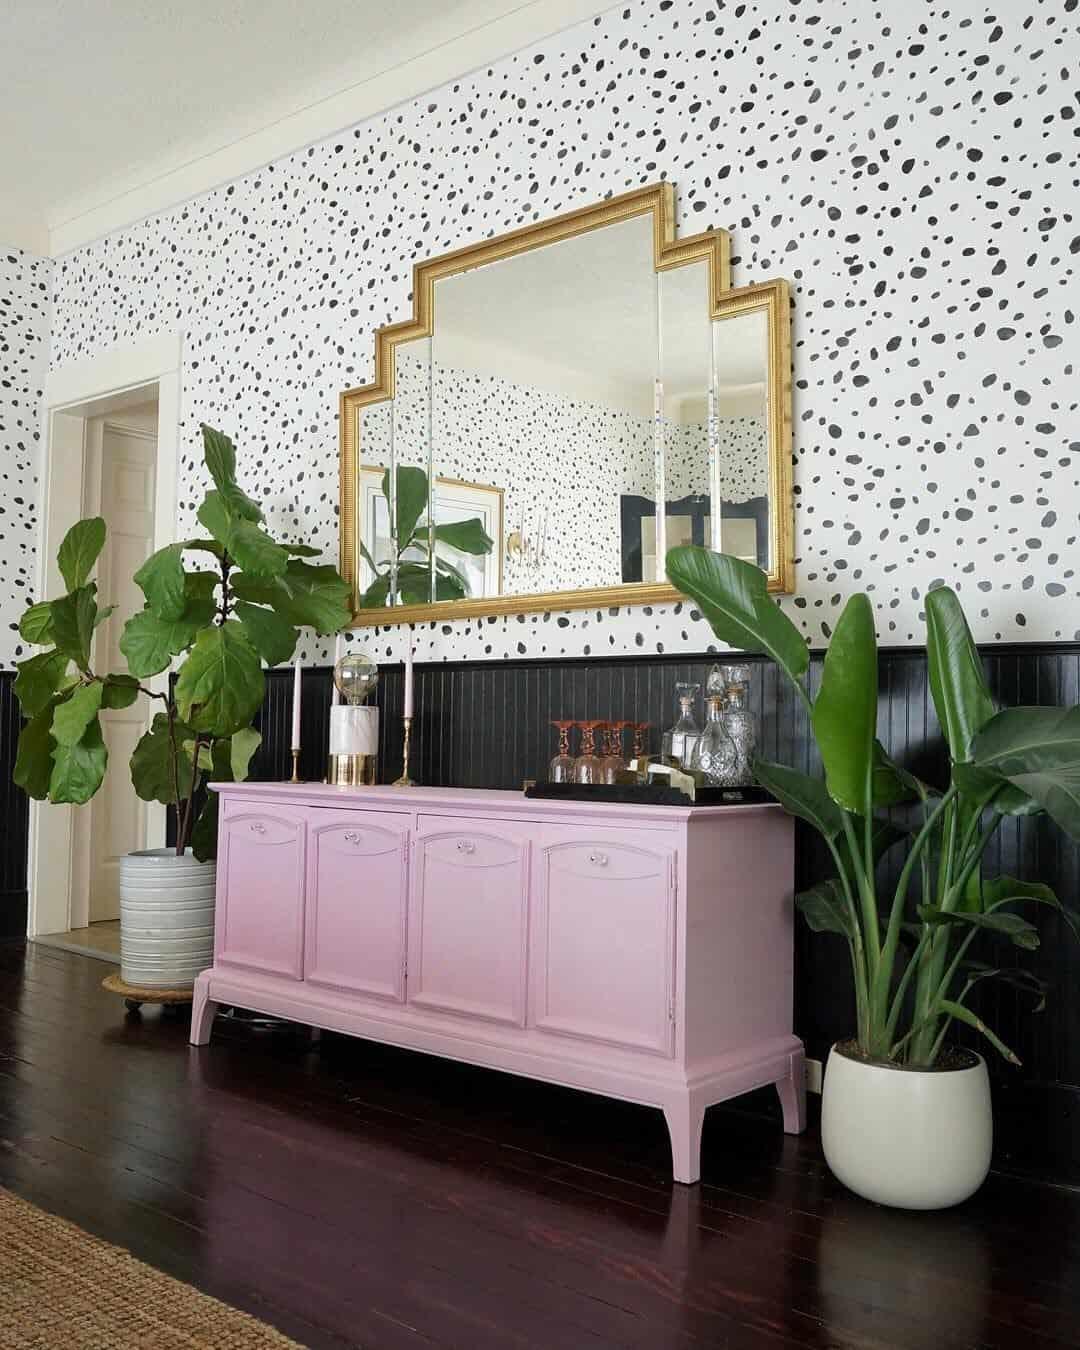 speckled wallpaper